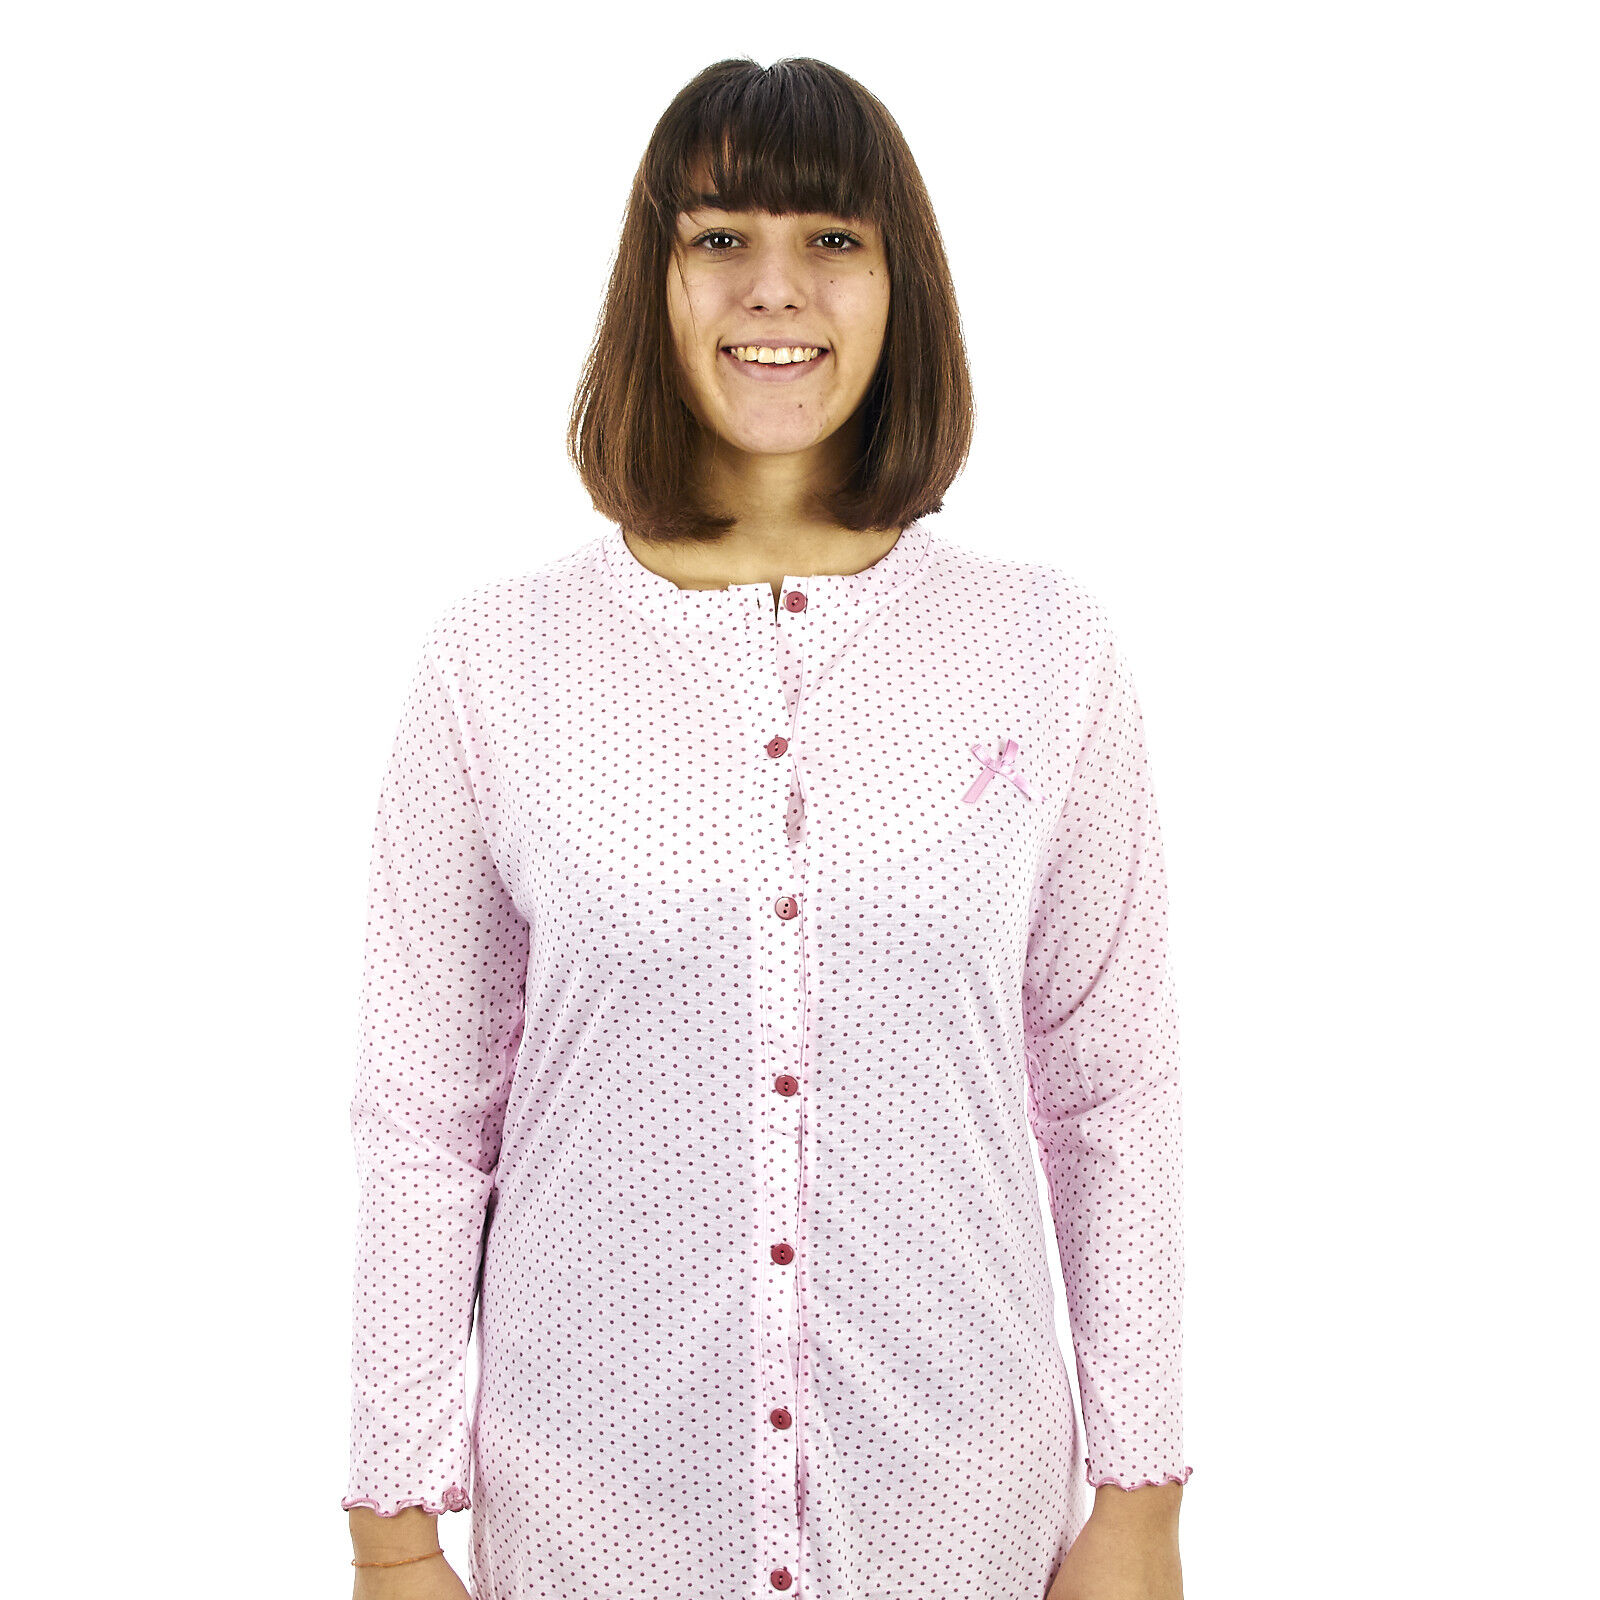 Camicia da notte donna primavera autunno in cotone  aperta a pois  8DPCAM008